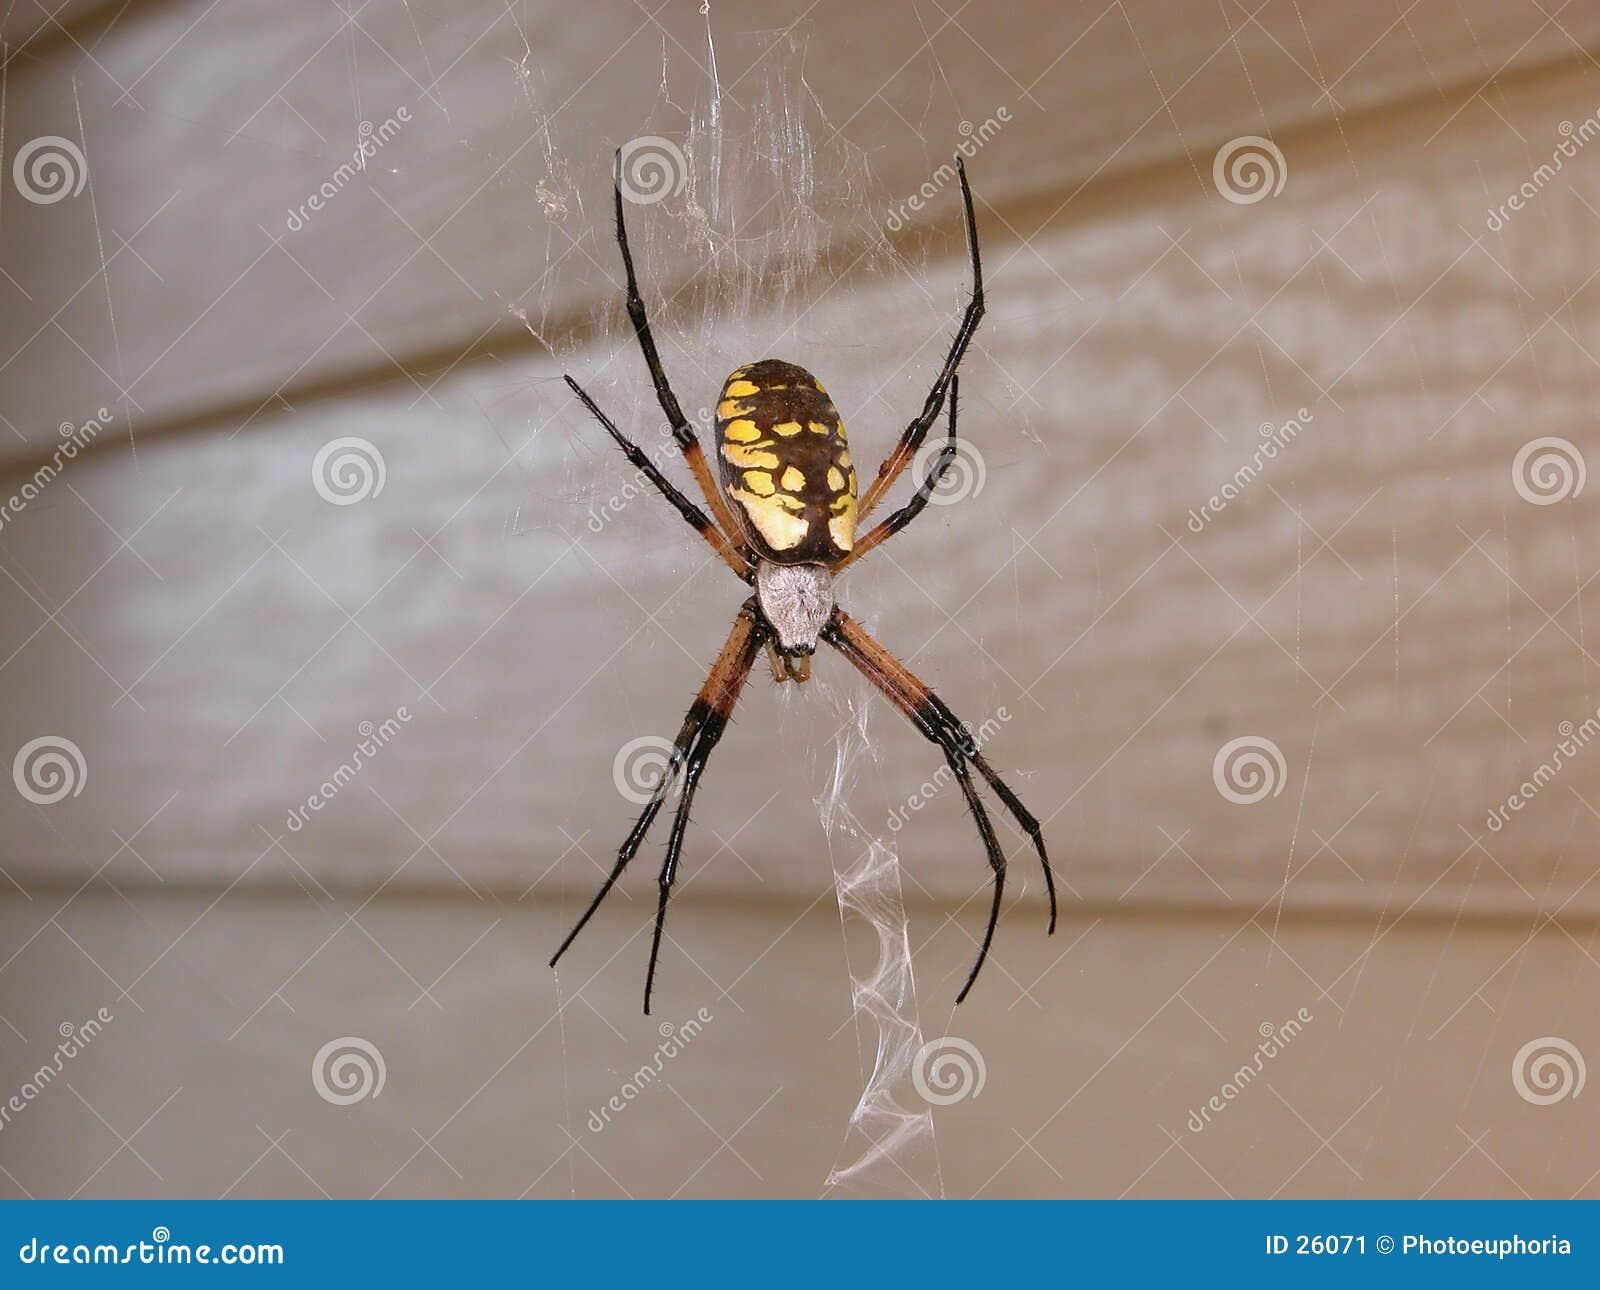 Female Yellow Garden Spider in Web